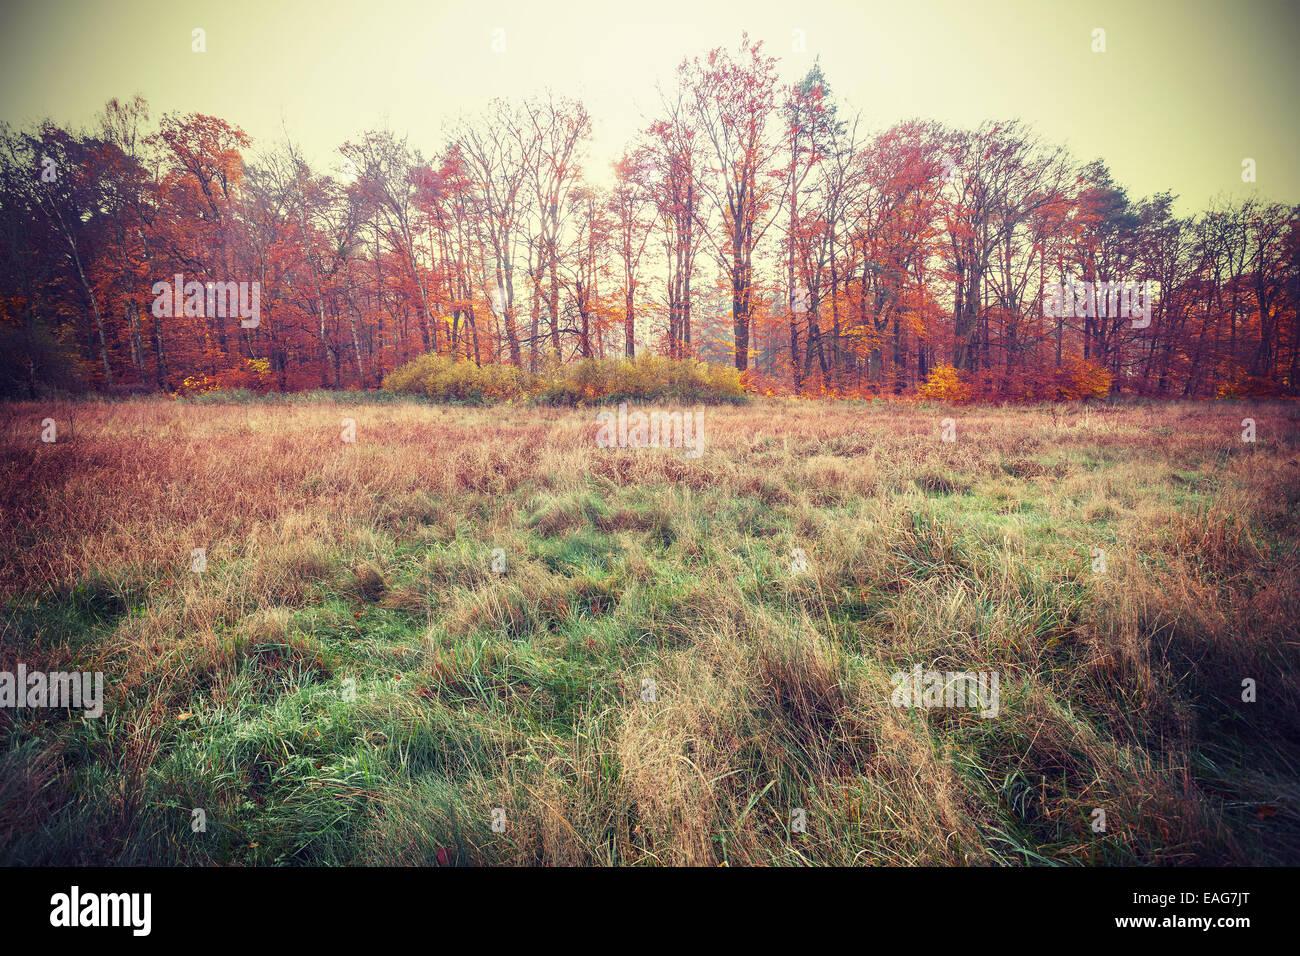 Vintage fotos filtradas de un campo de otoño. Imagen De Stock